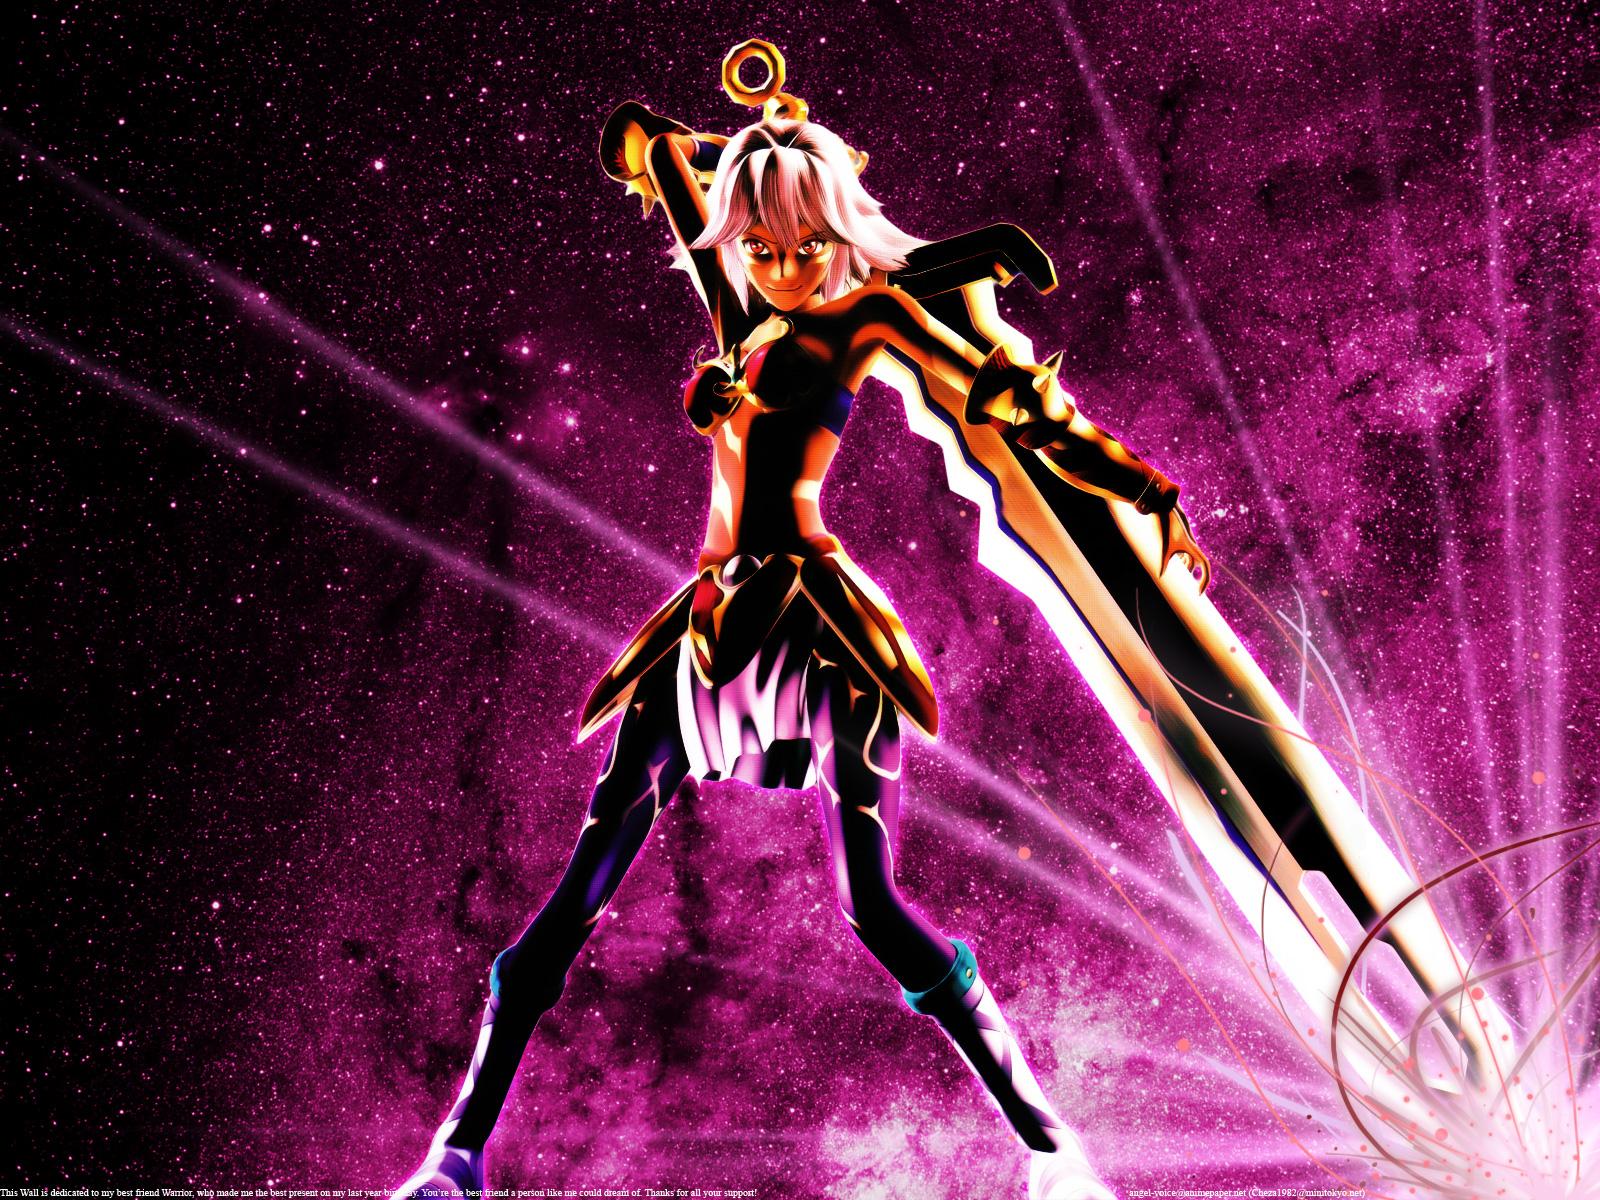 Anime blog anime wallpaper 3d - 3d anime wallpaper ...